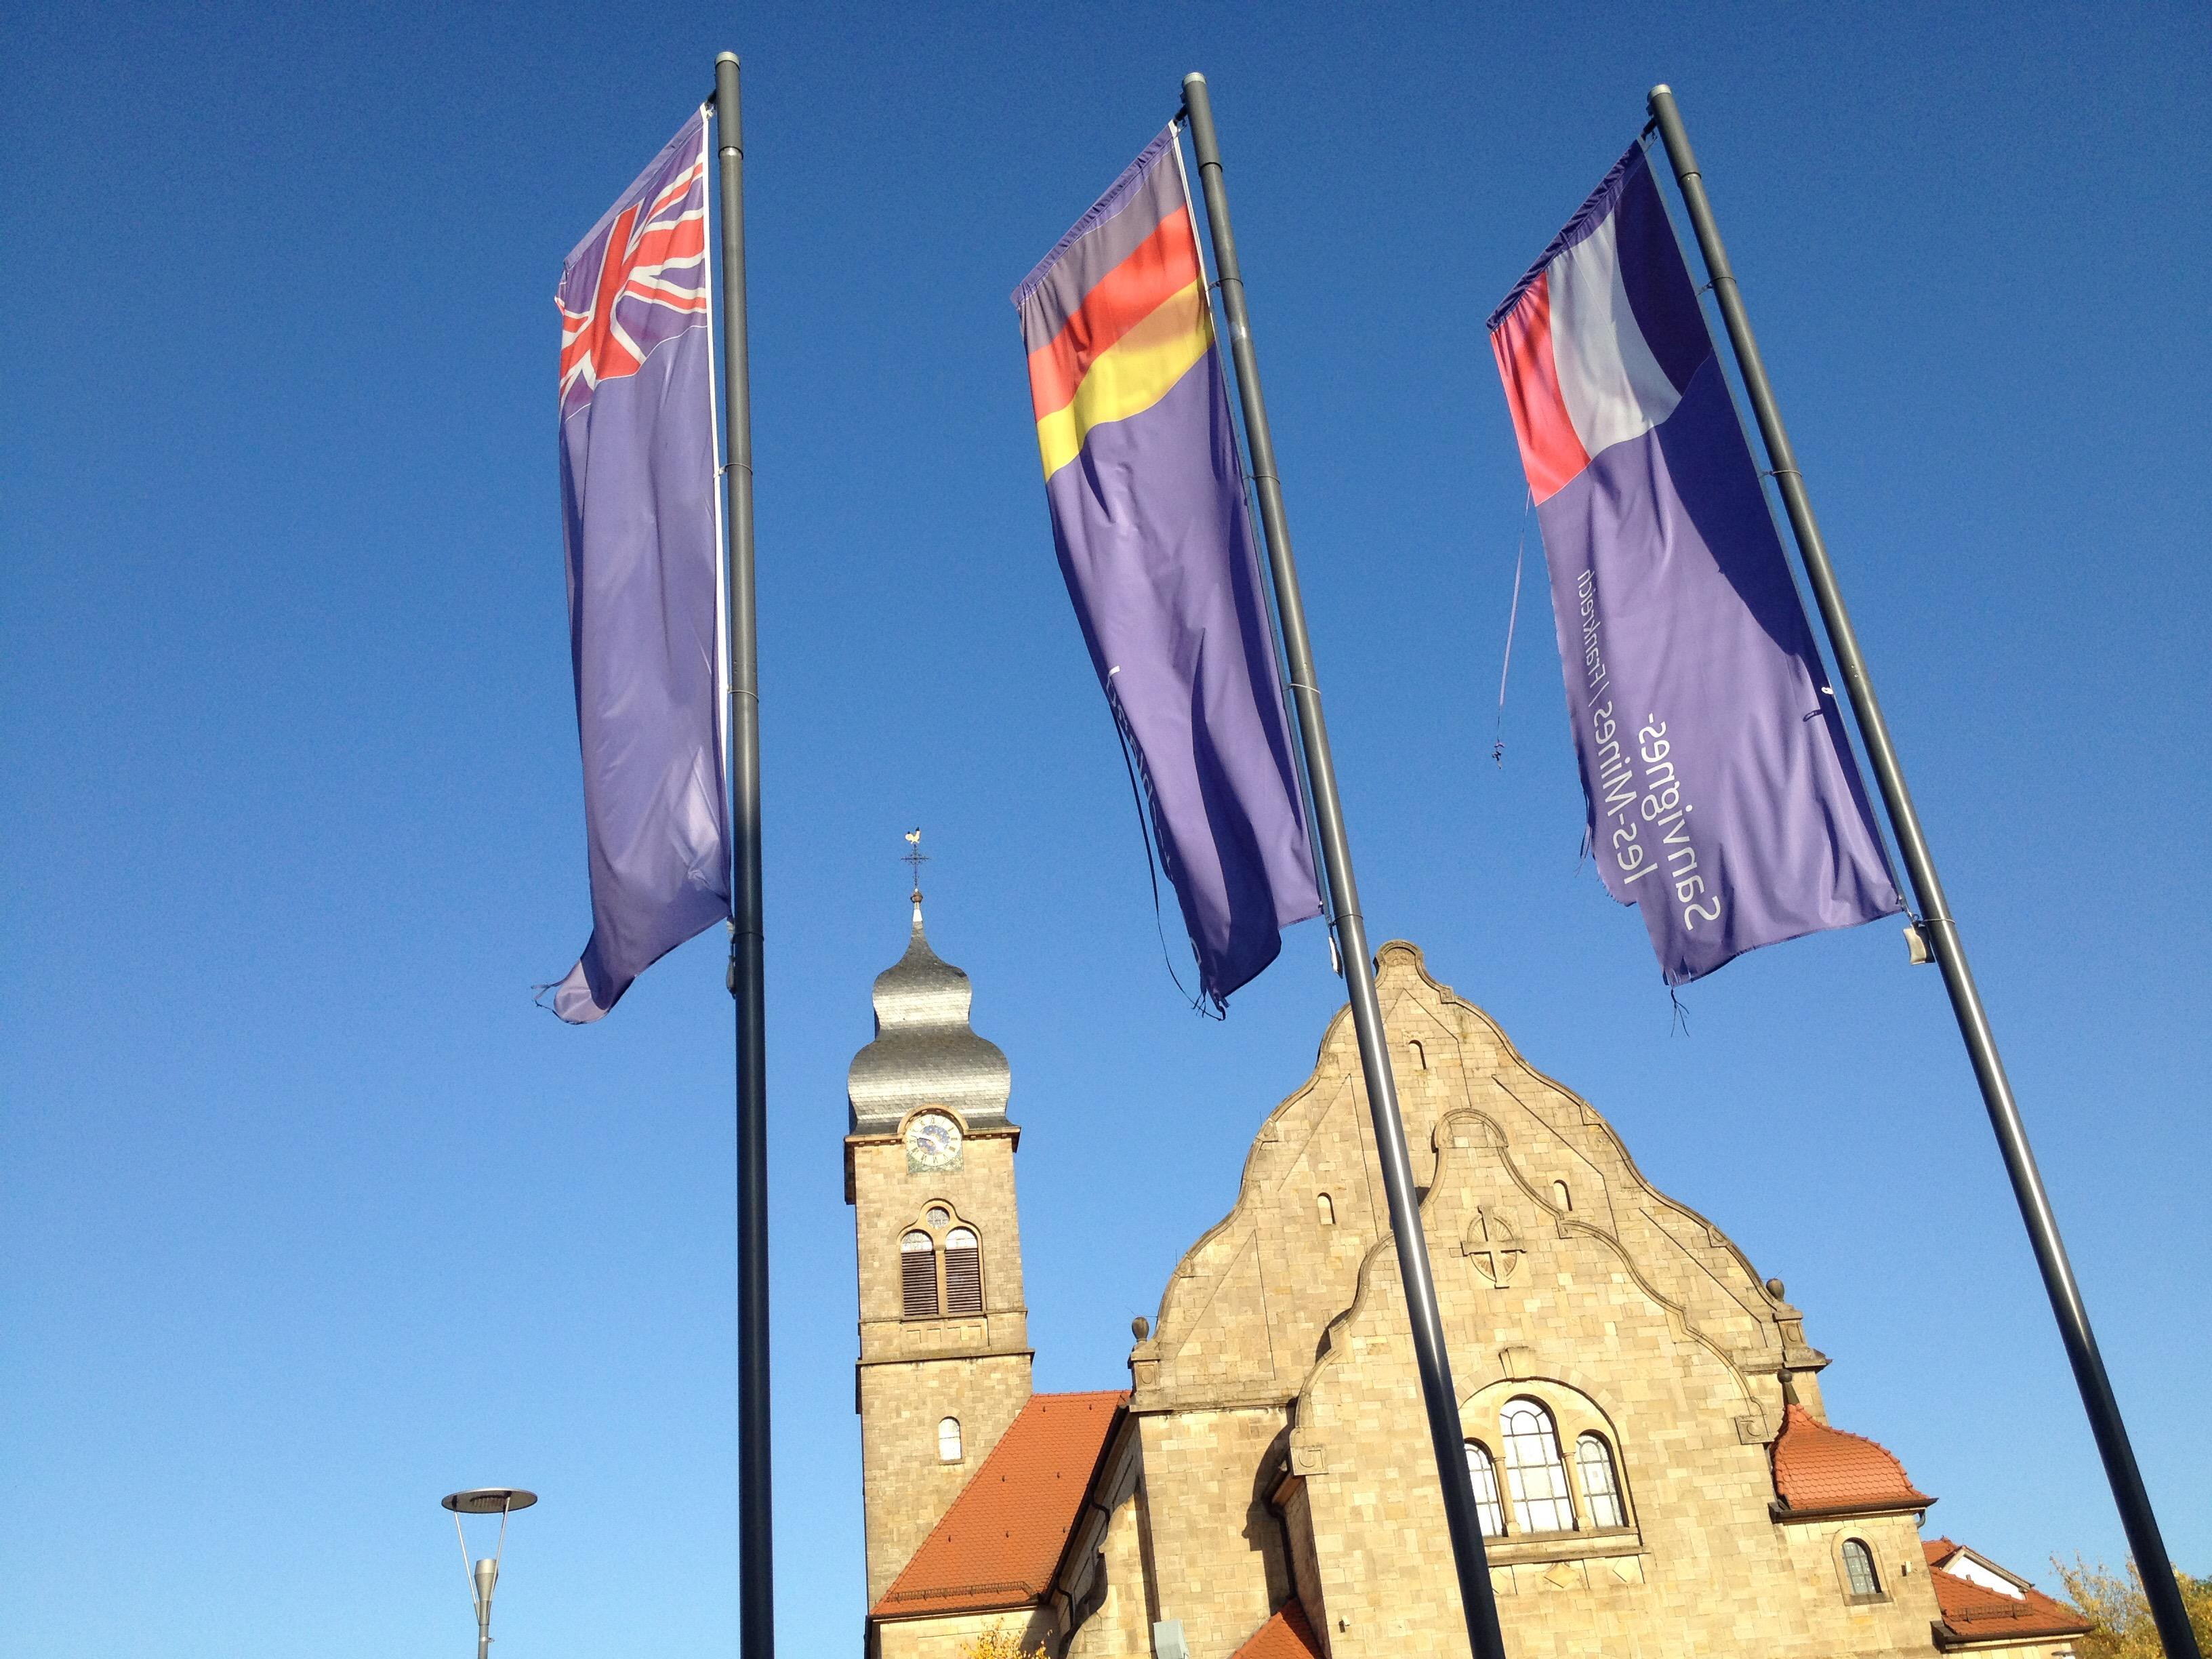 Schräge Aufnahme dreie Europafahnen vor Sandsteingelber barocker Kirche.